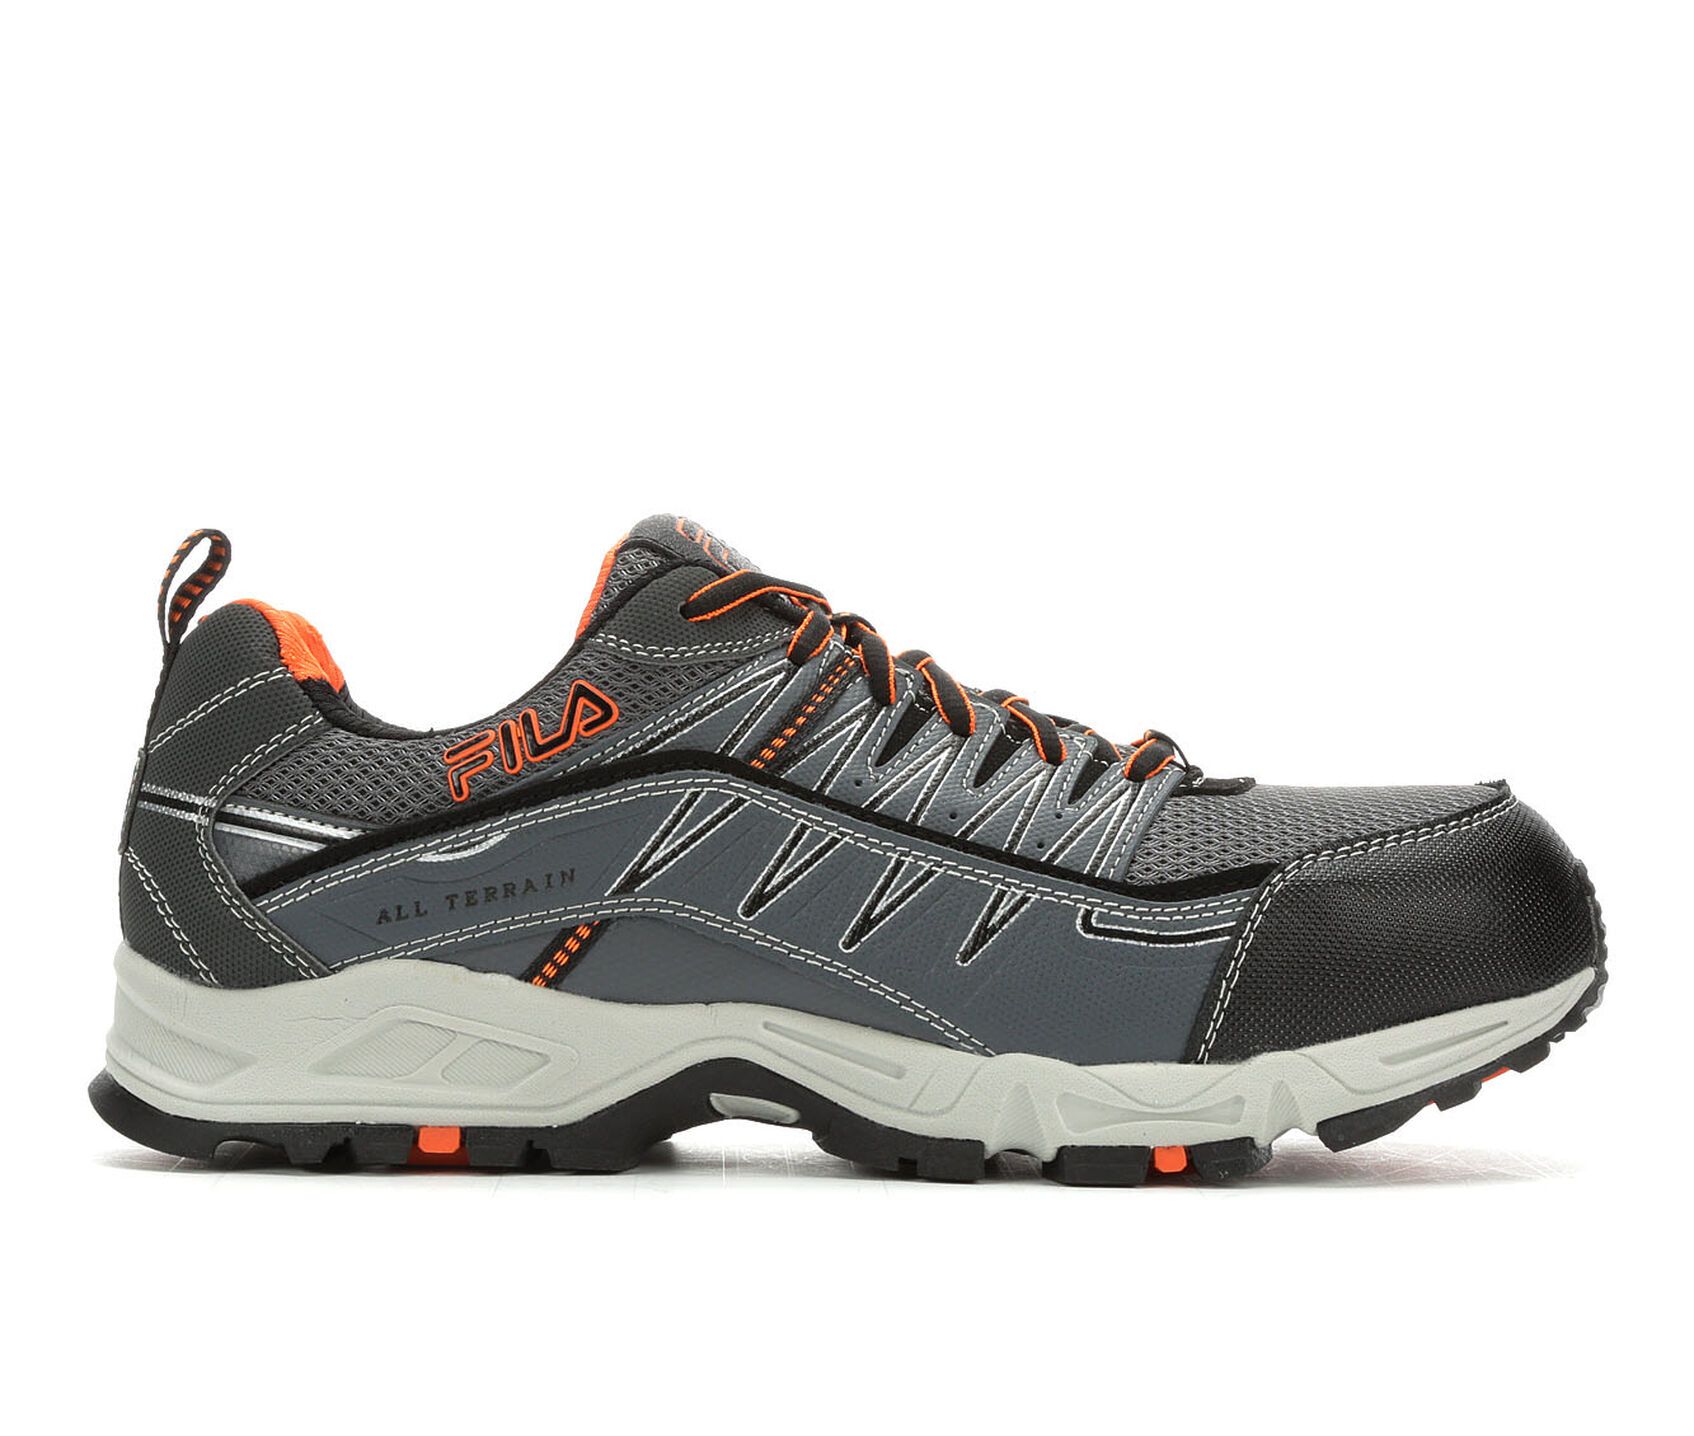 0e87caf7af Men's Fila Memory AT Peake CT Work Shoes